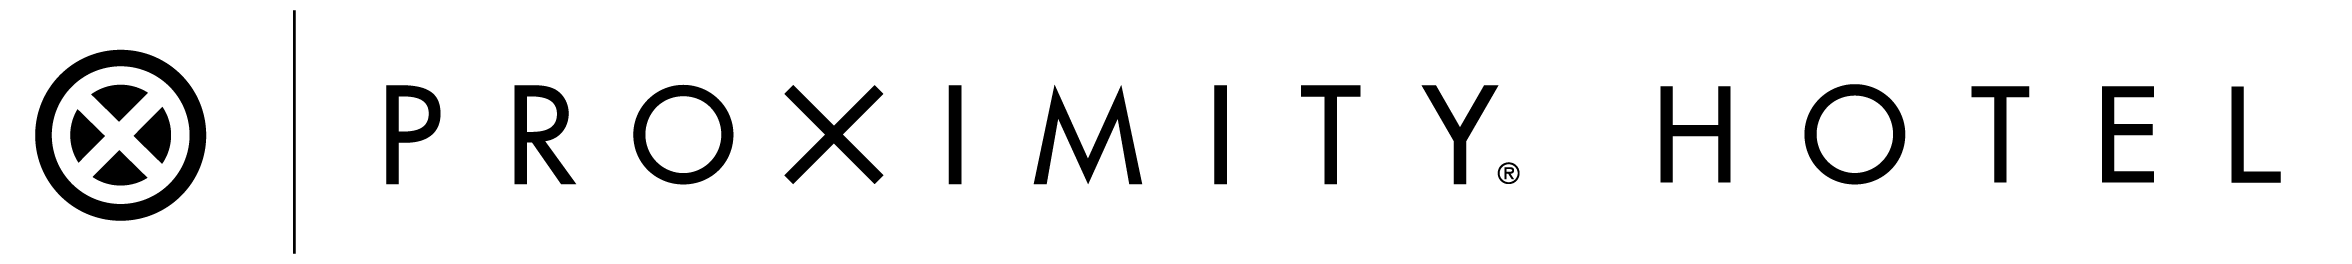 Proximity Hotel Logo